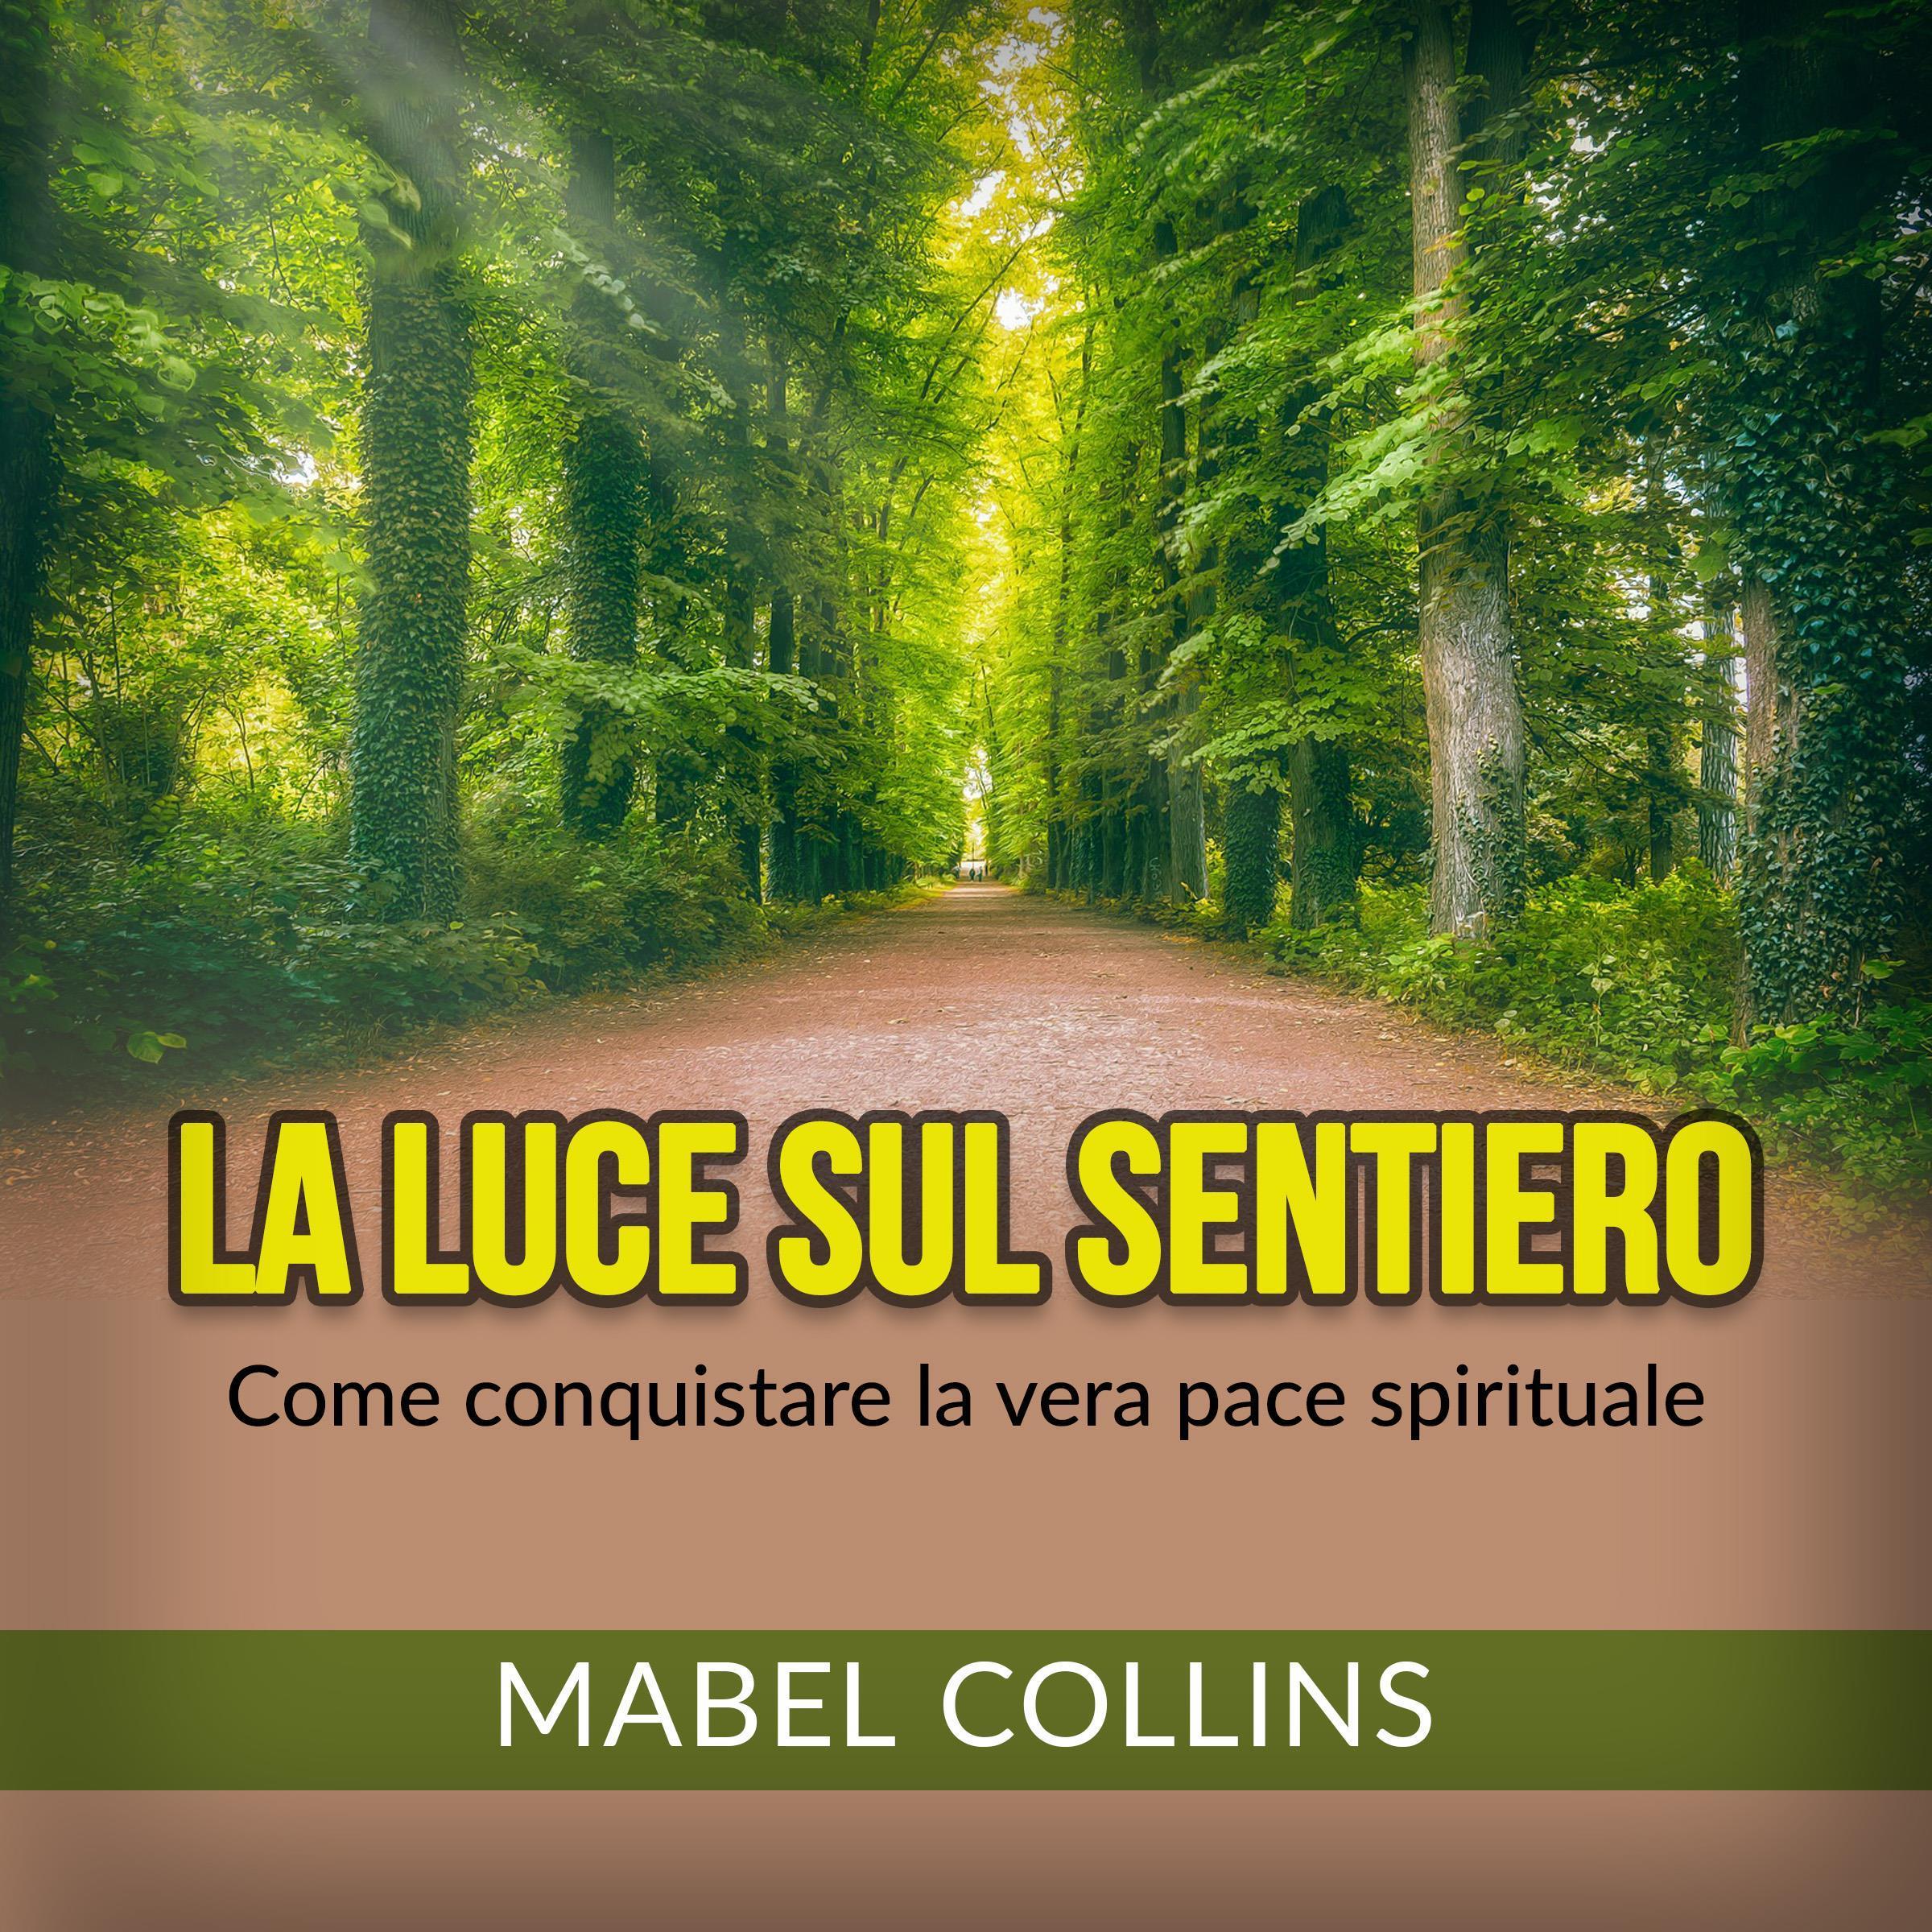 La Luce sul Sentiero. Come conquistare la vera pace spirituale